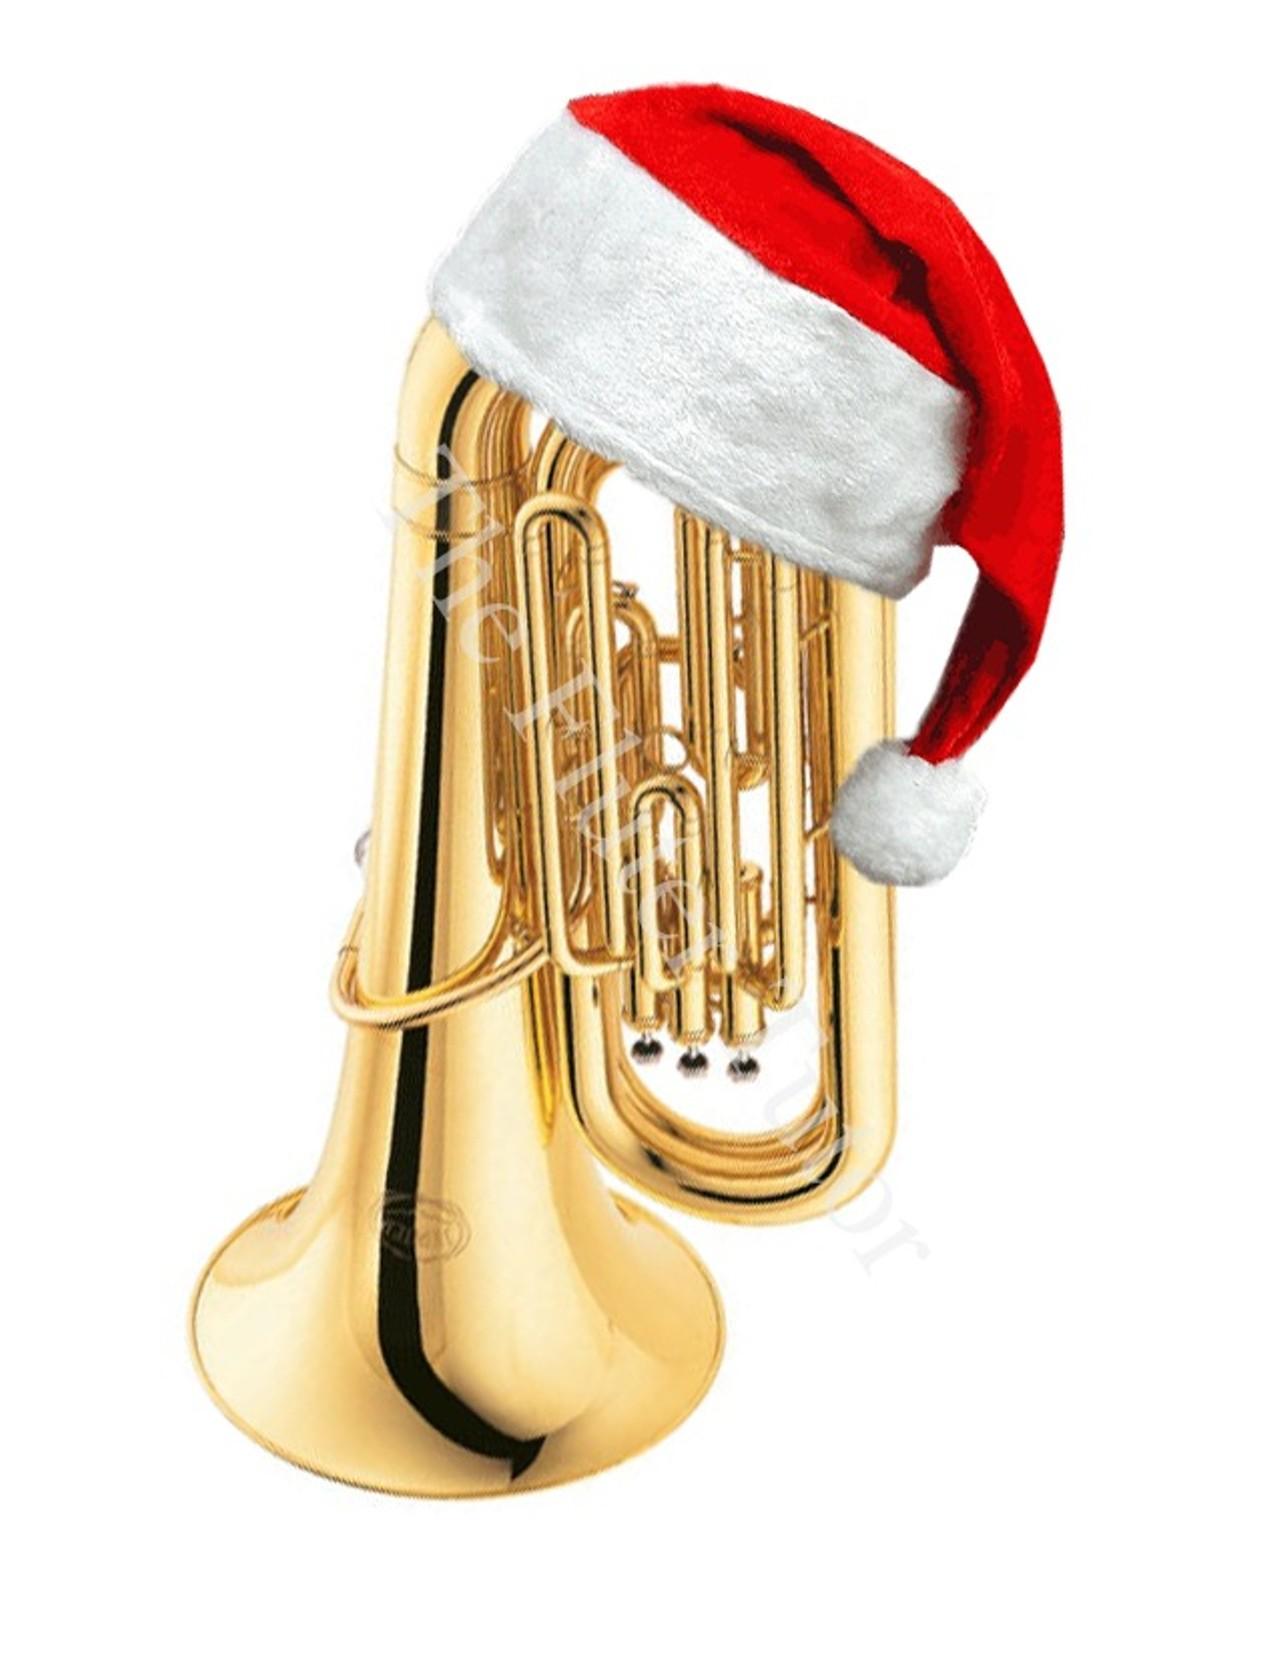 Tuba Christmas.Suny Ulster Presents Tuba Christmas Concert Daily Dose